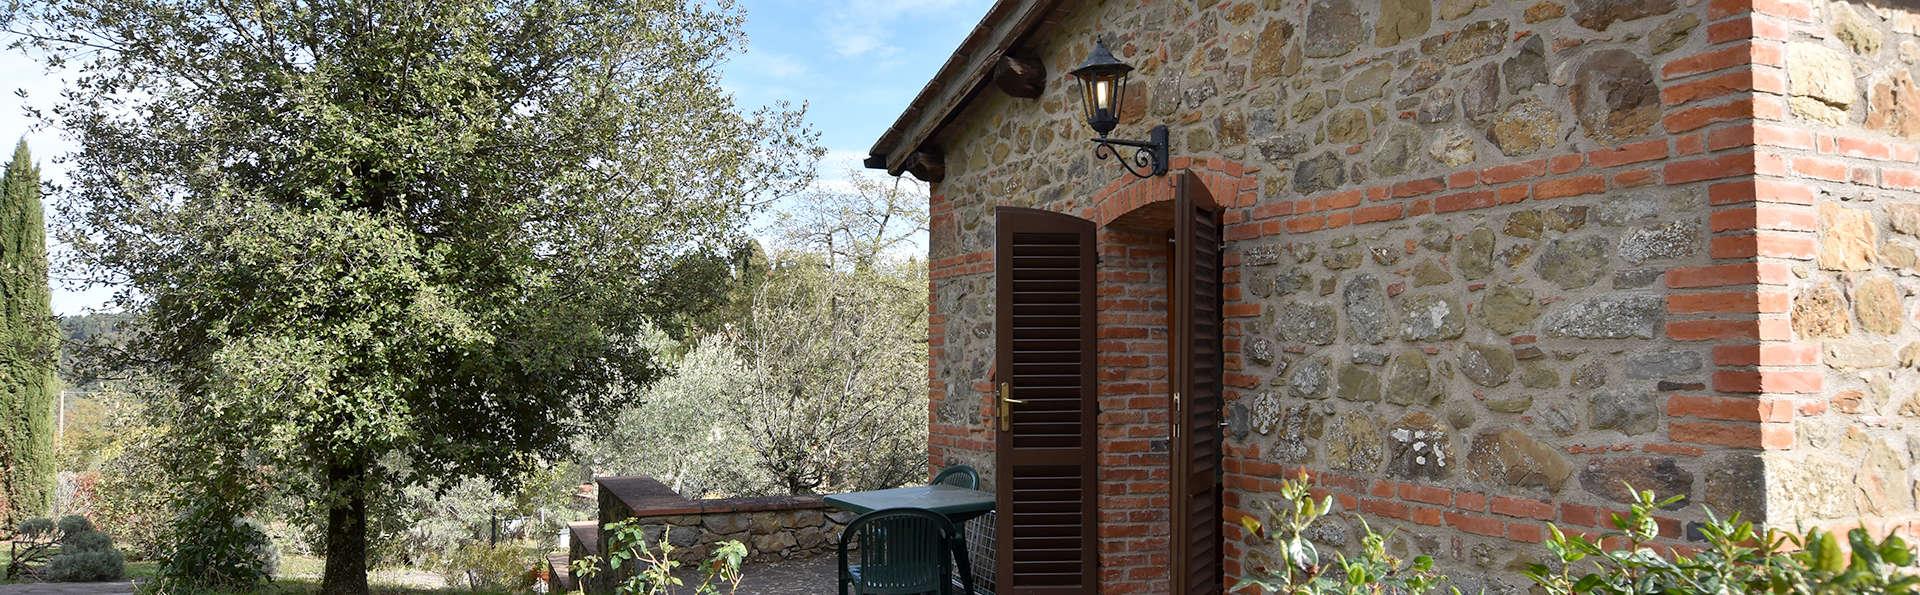 Découvrez un village médiéval au coeur de la Toscane avec dégustation de vin !